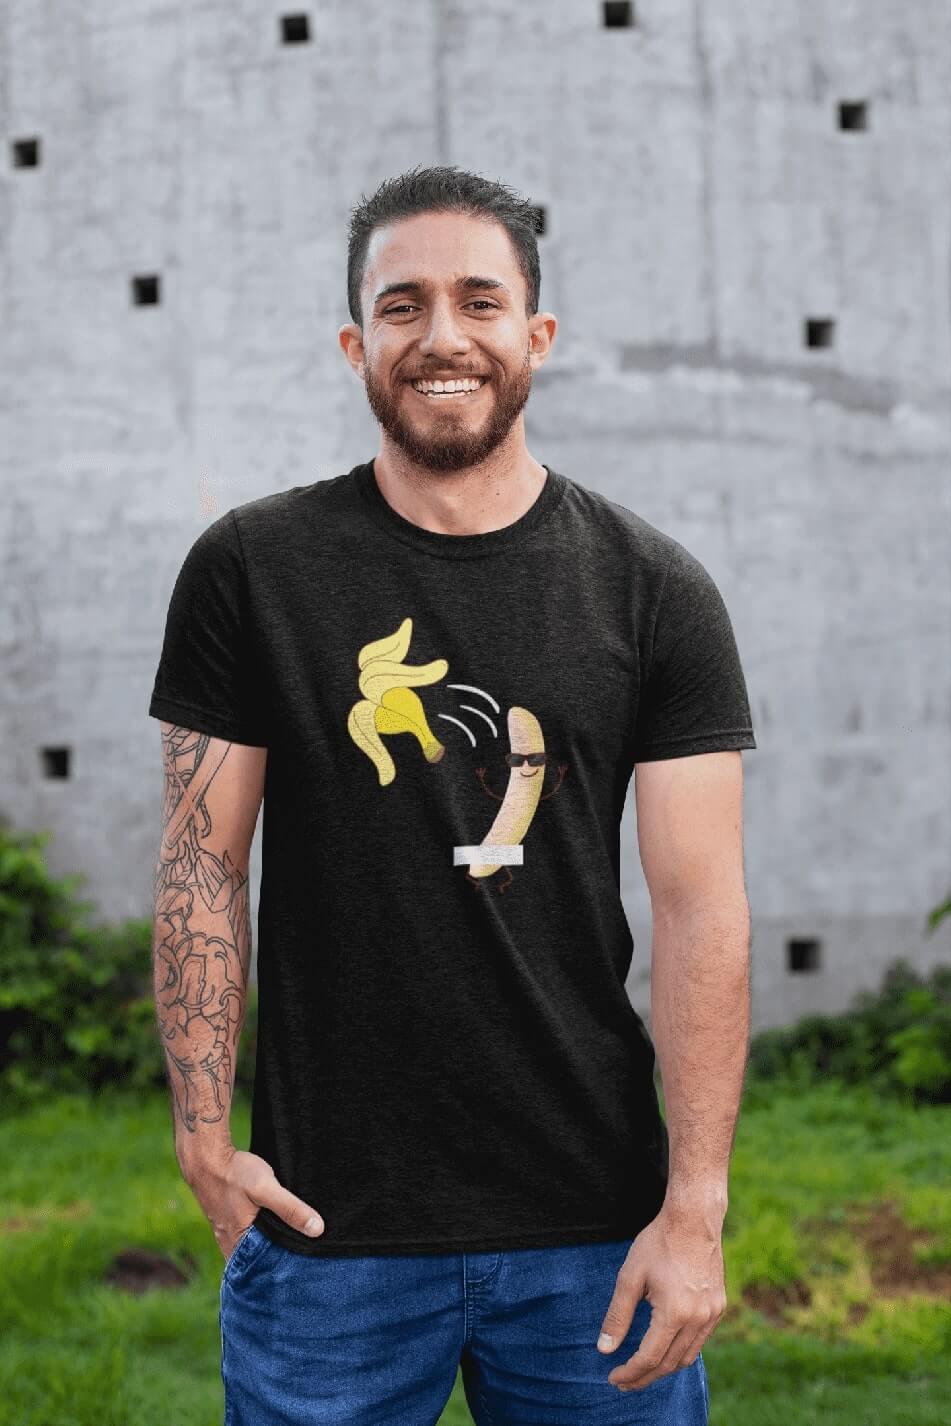 MMO Pánske tričko BANANA Vyberte farbu: Čierna, Vyberte veľkosť: XS